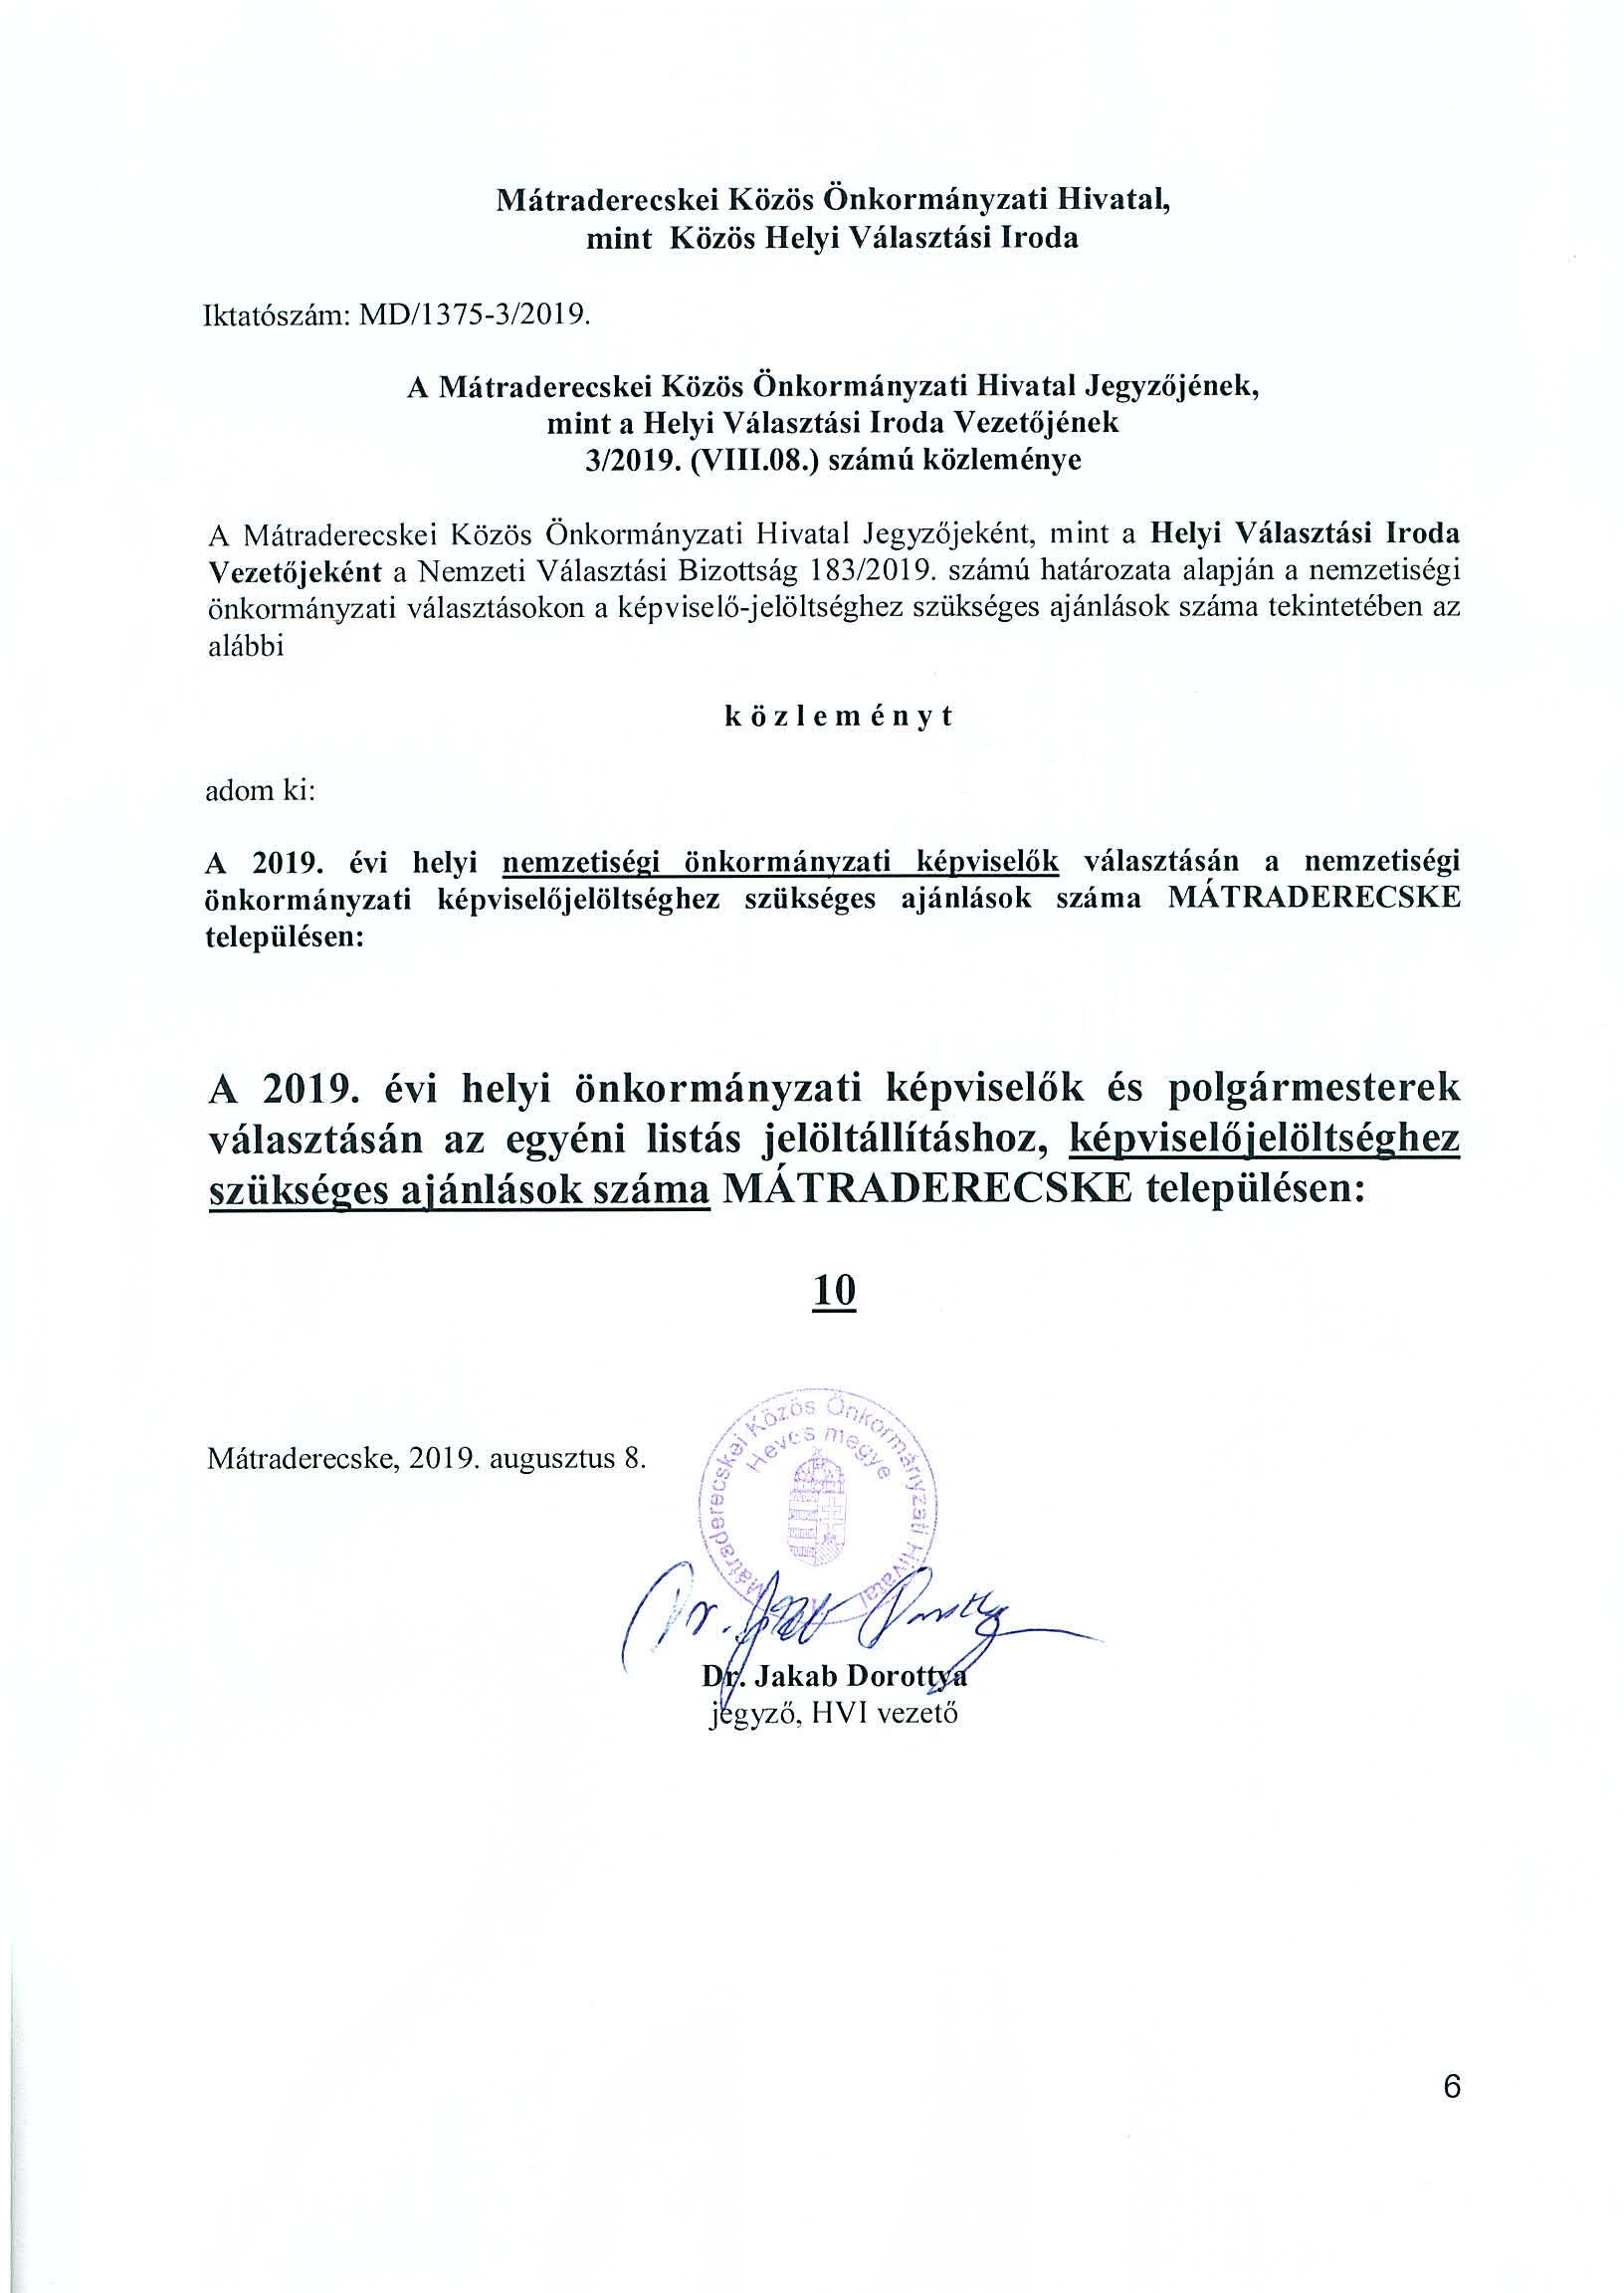 Tájékoztatás a nemzetiségi önkormányzati képviselők jelöltségéhez szükséges ajánlások számáról